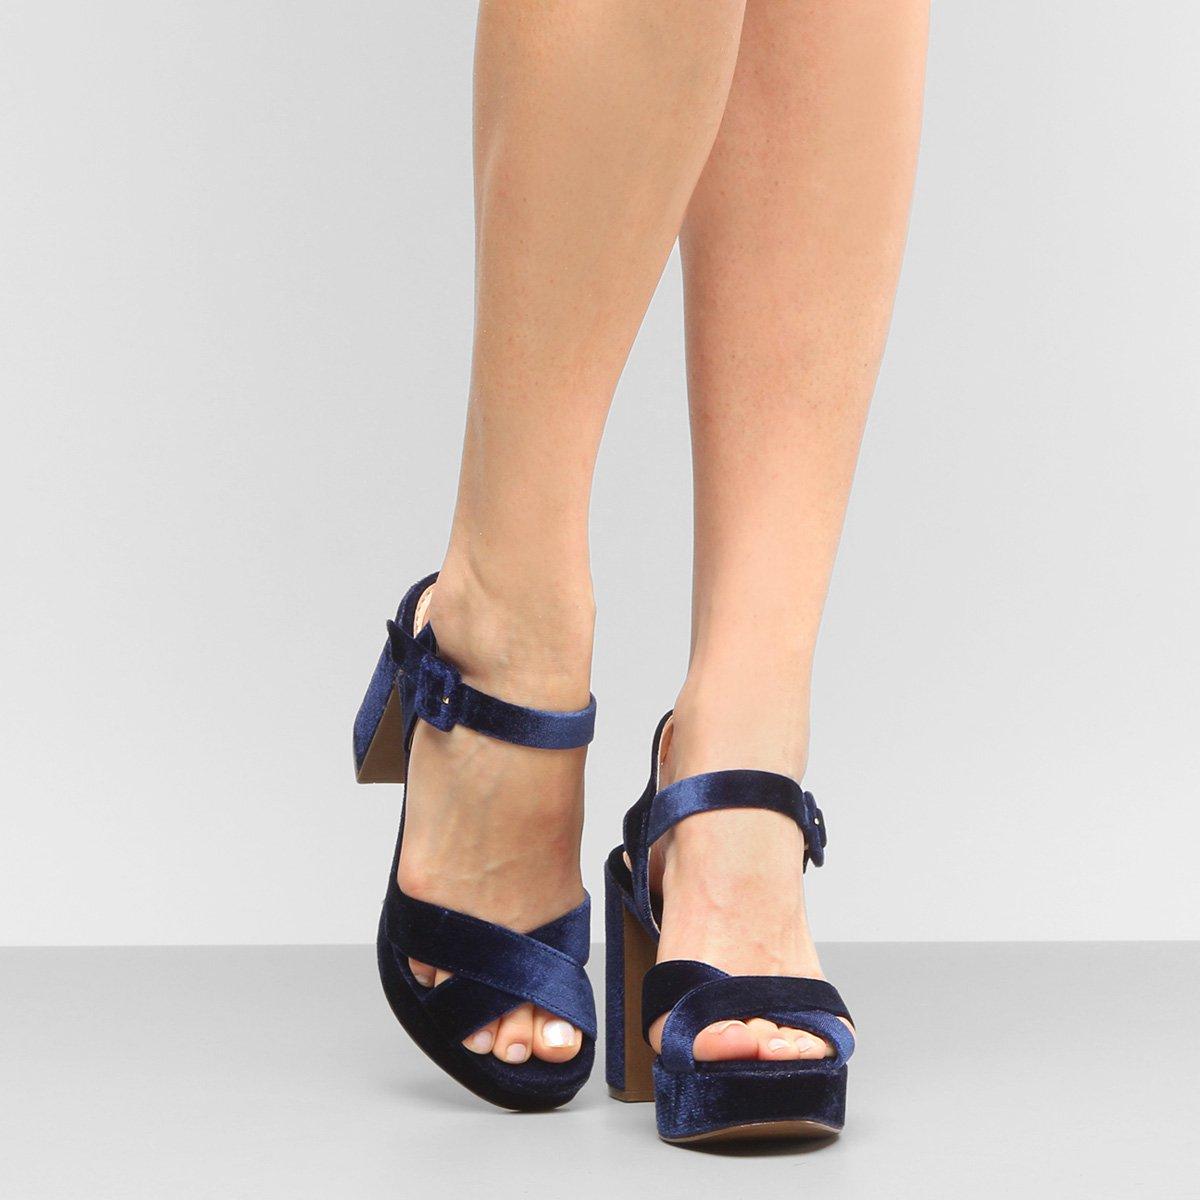 Sandália Shoestock Meia Pata Veludo - Marinho